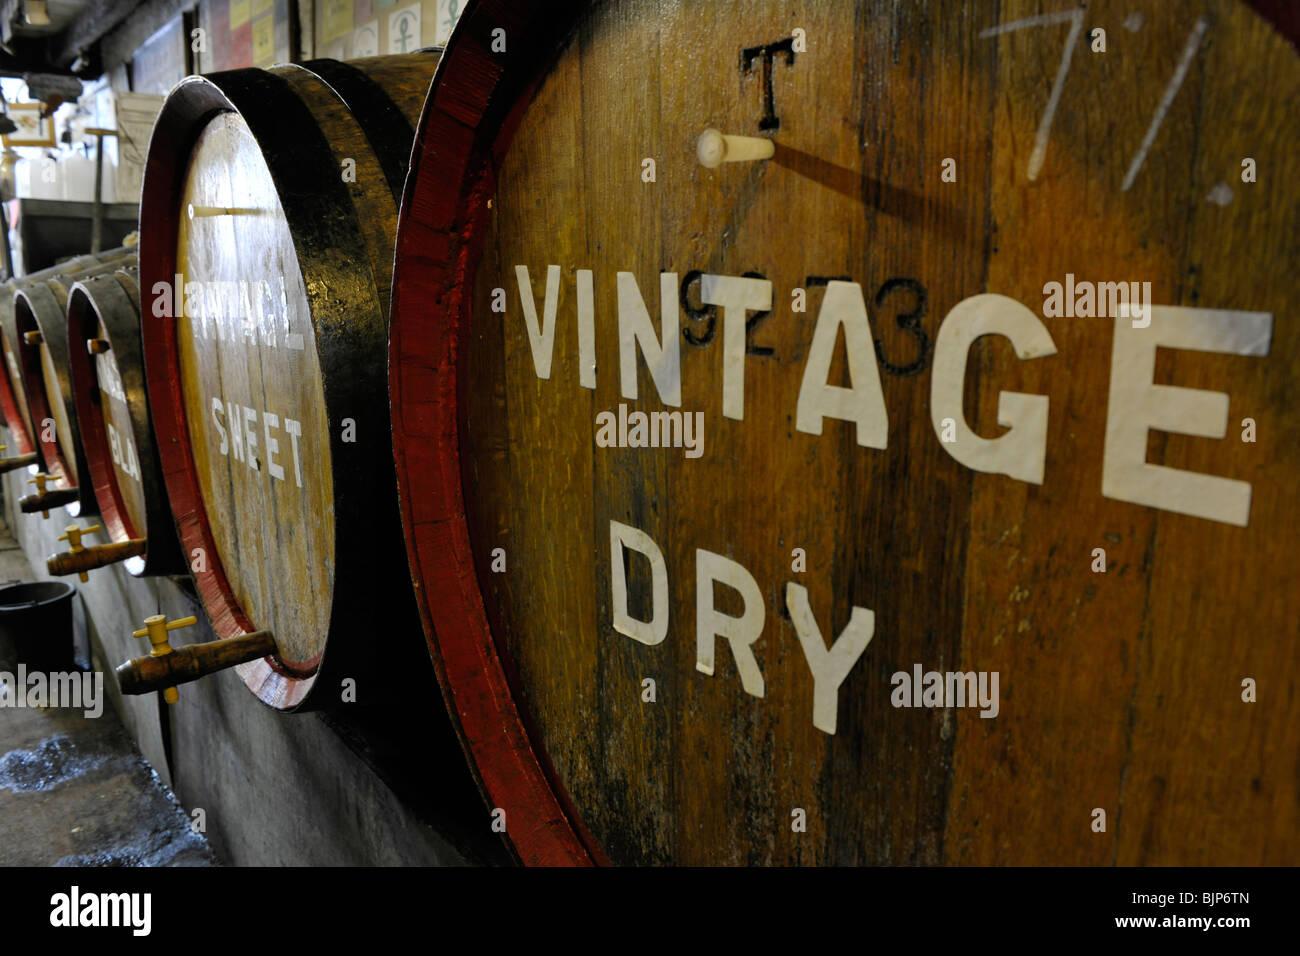 cider barrels Stock Photo